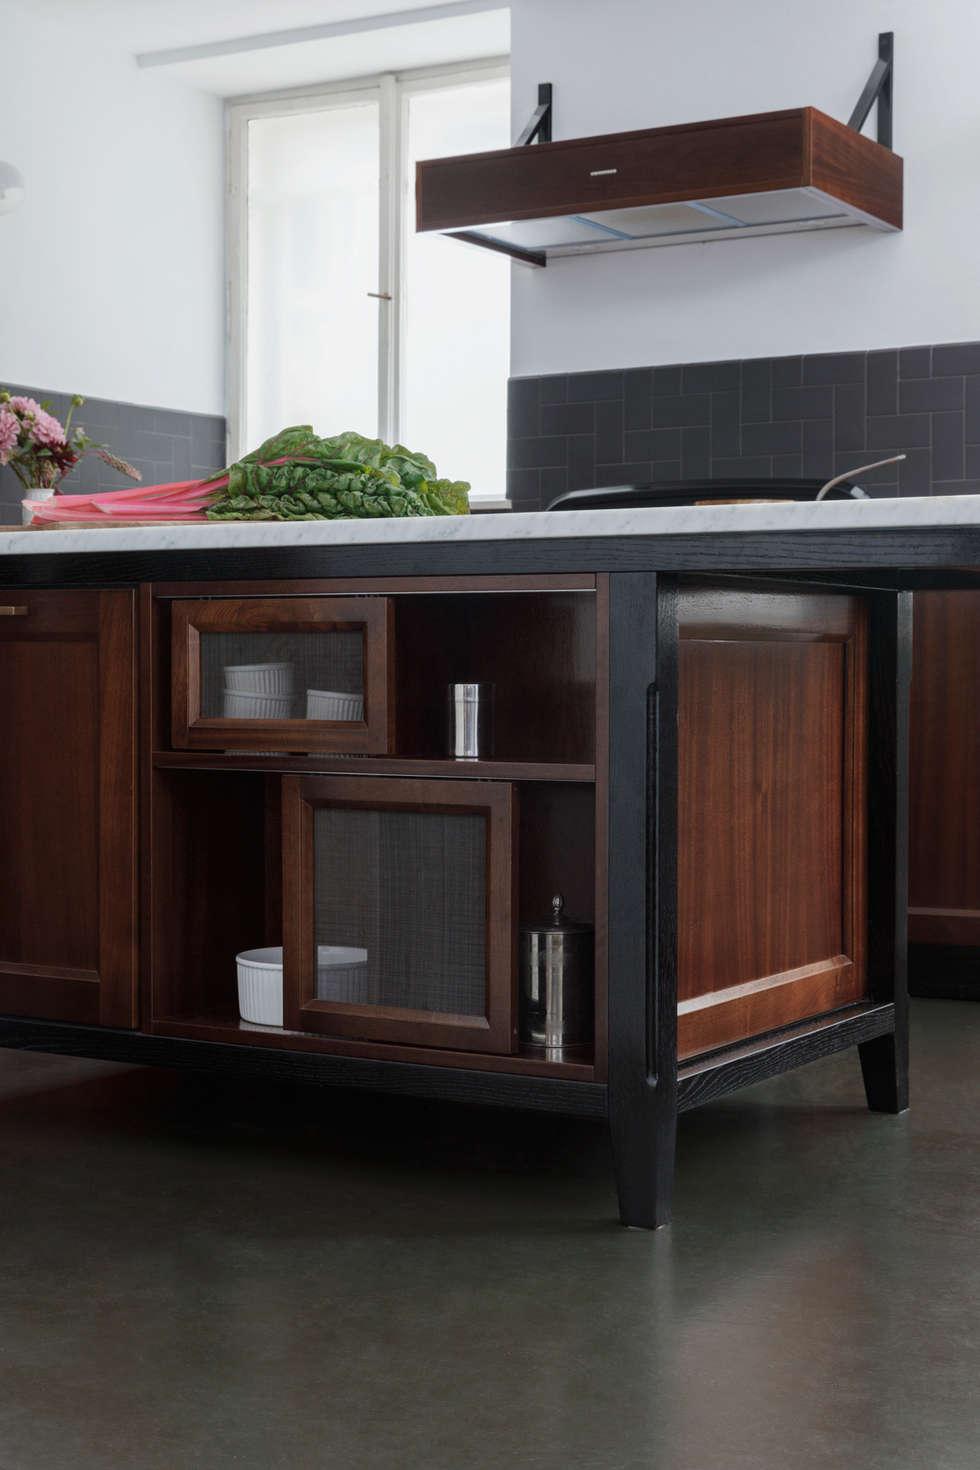 Atemberaubend Zentrum Kücheninseln Bilder - Küche Set Ideen ...